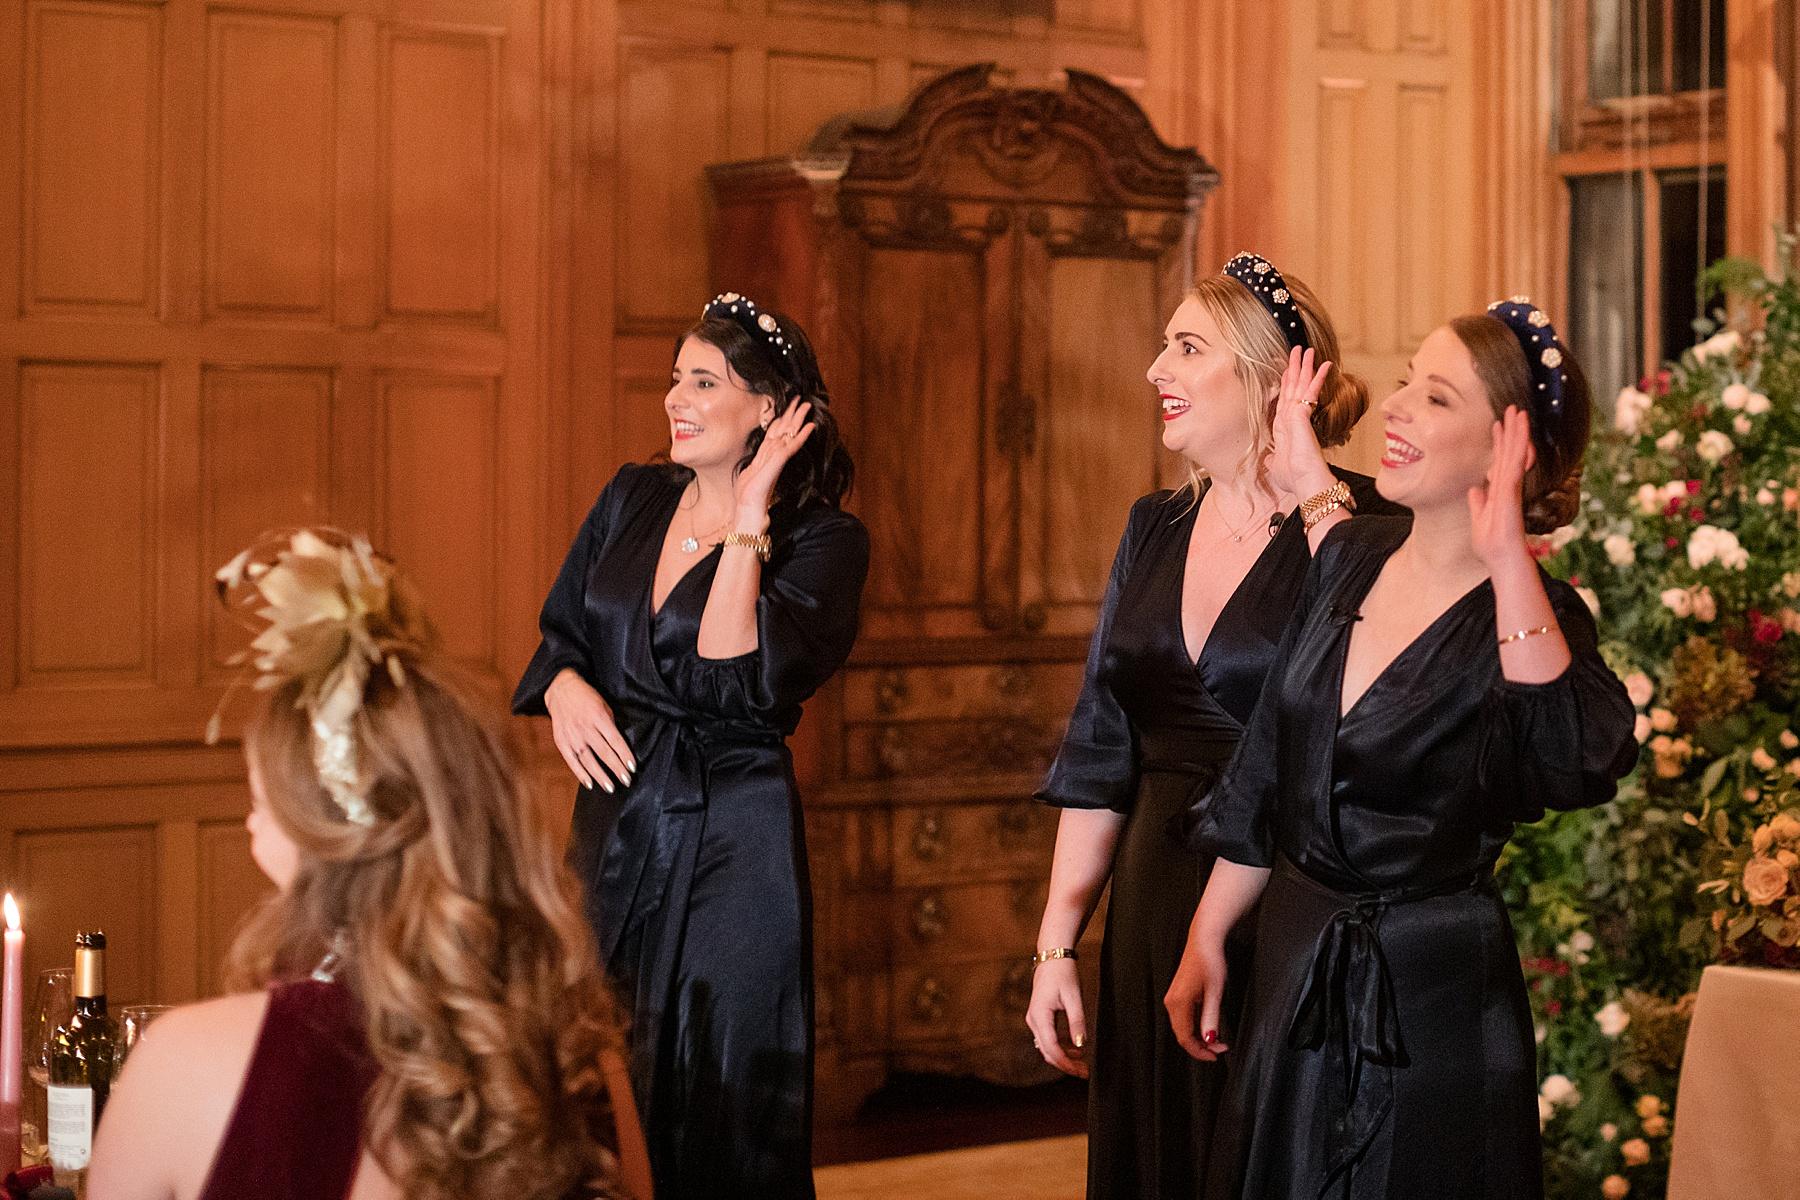 Barnbougle Castle Wedding